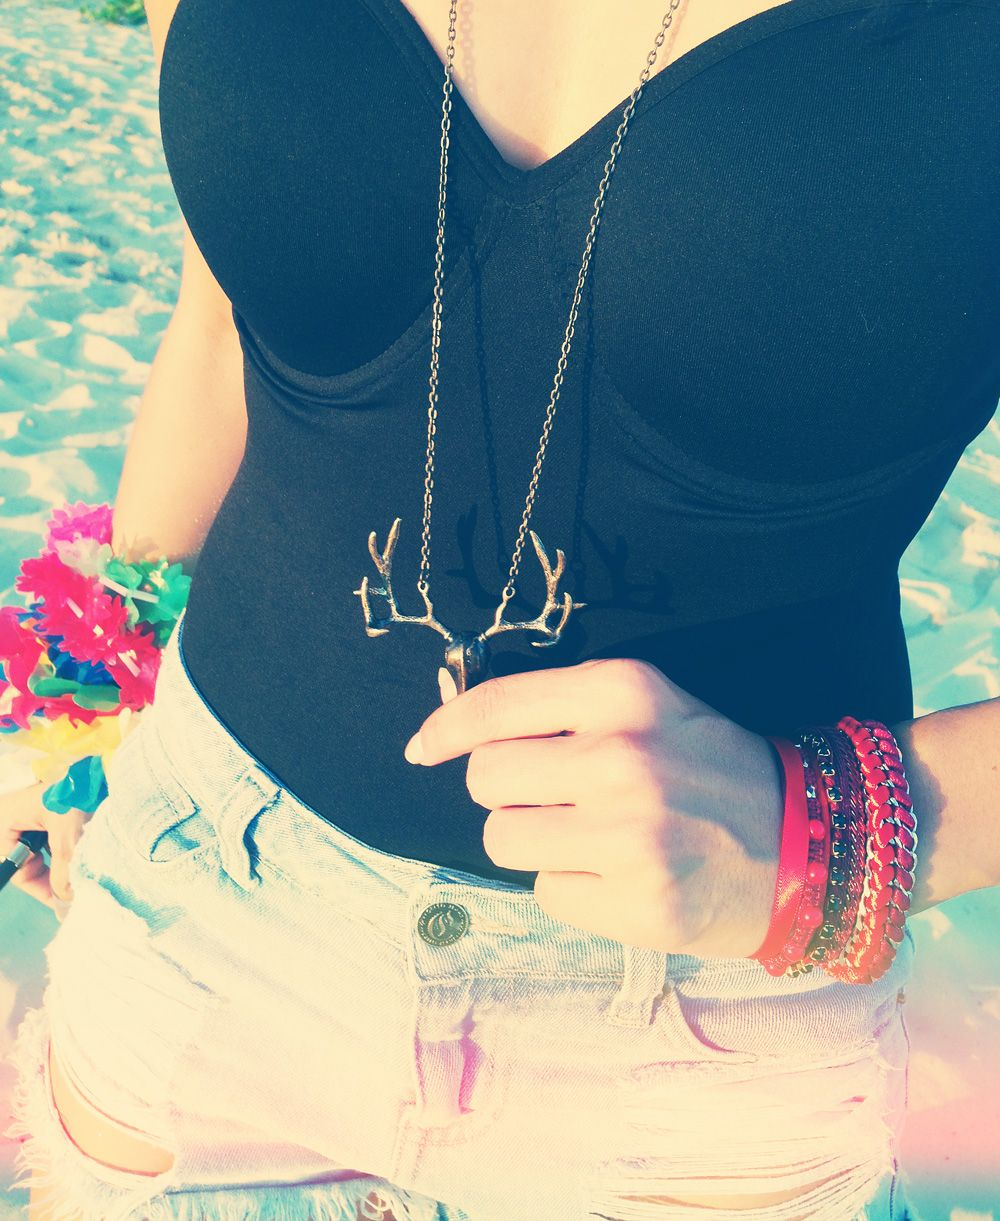 Ensaio de Carnaval Dalila em Fúria / Ideias de fantasia para o Carnaval 2015 - colar de alce e anéis dourados / Maxi earrings deer necklace and hipster golden rings